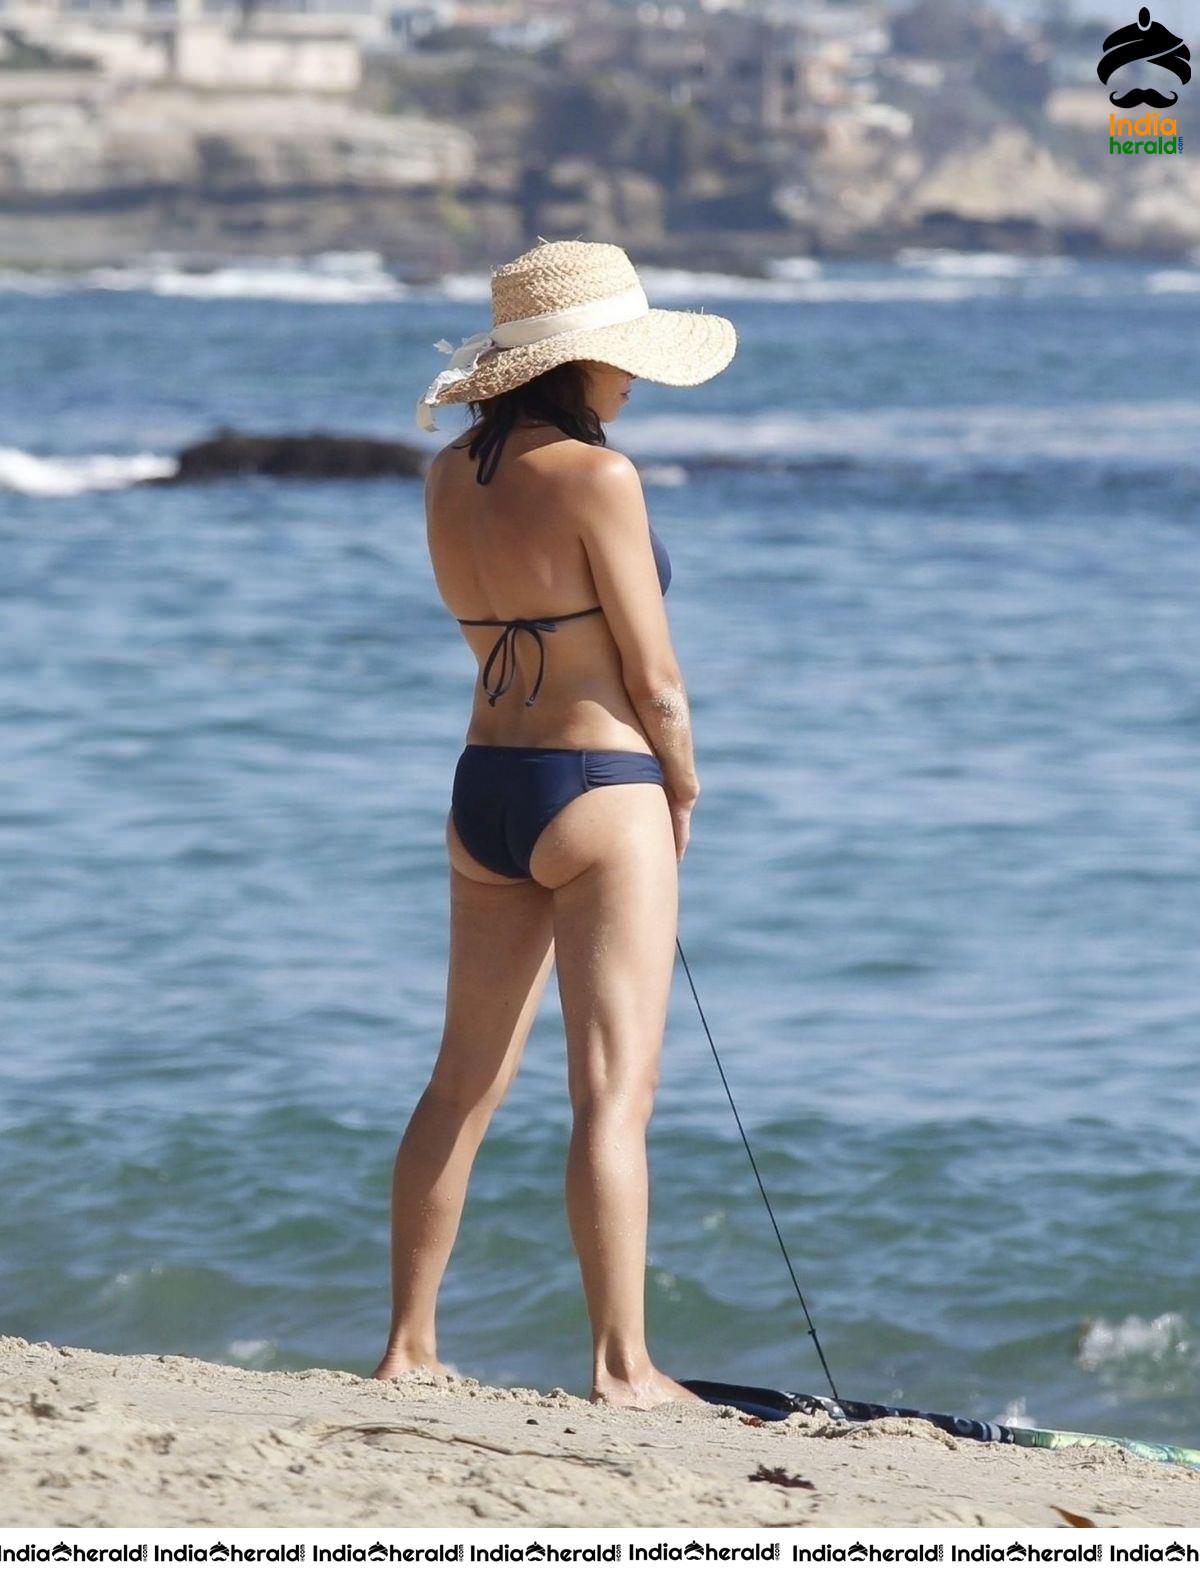 Jenna Dewan Wearing A Bikini At Laguna Beach